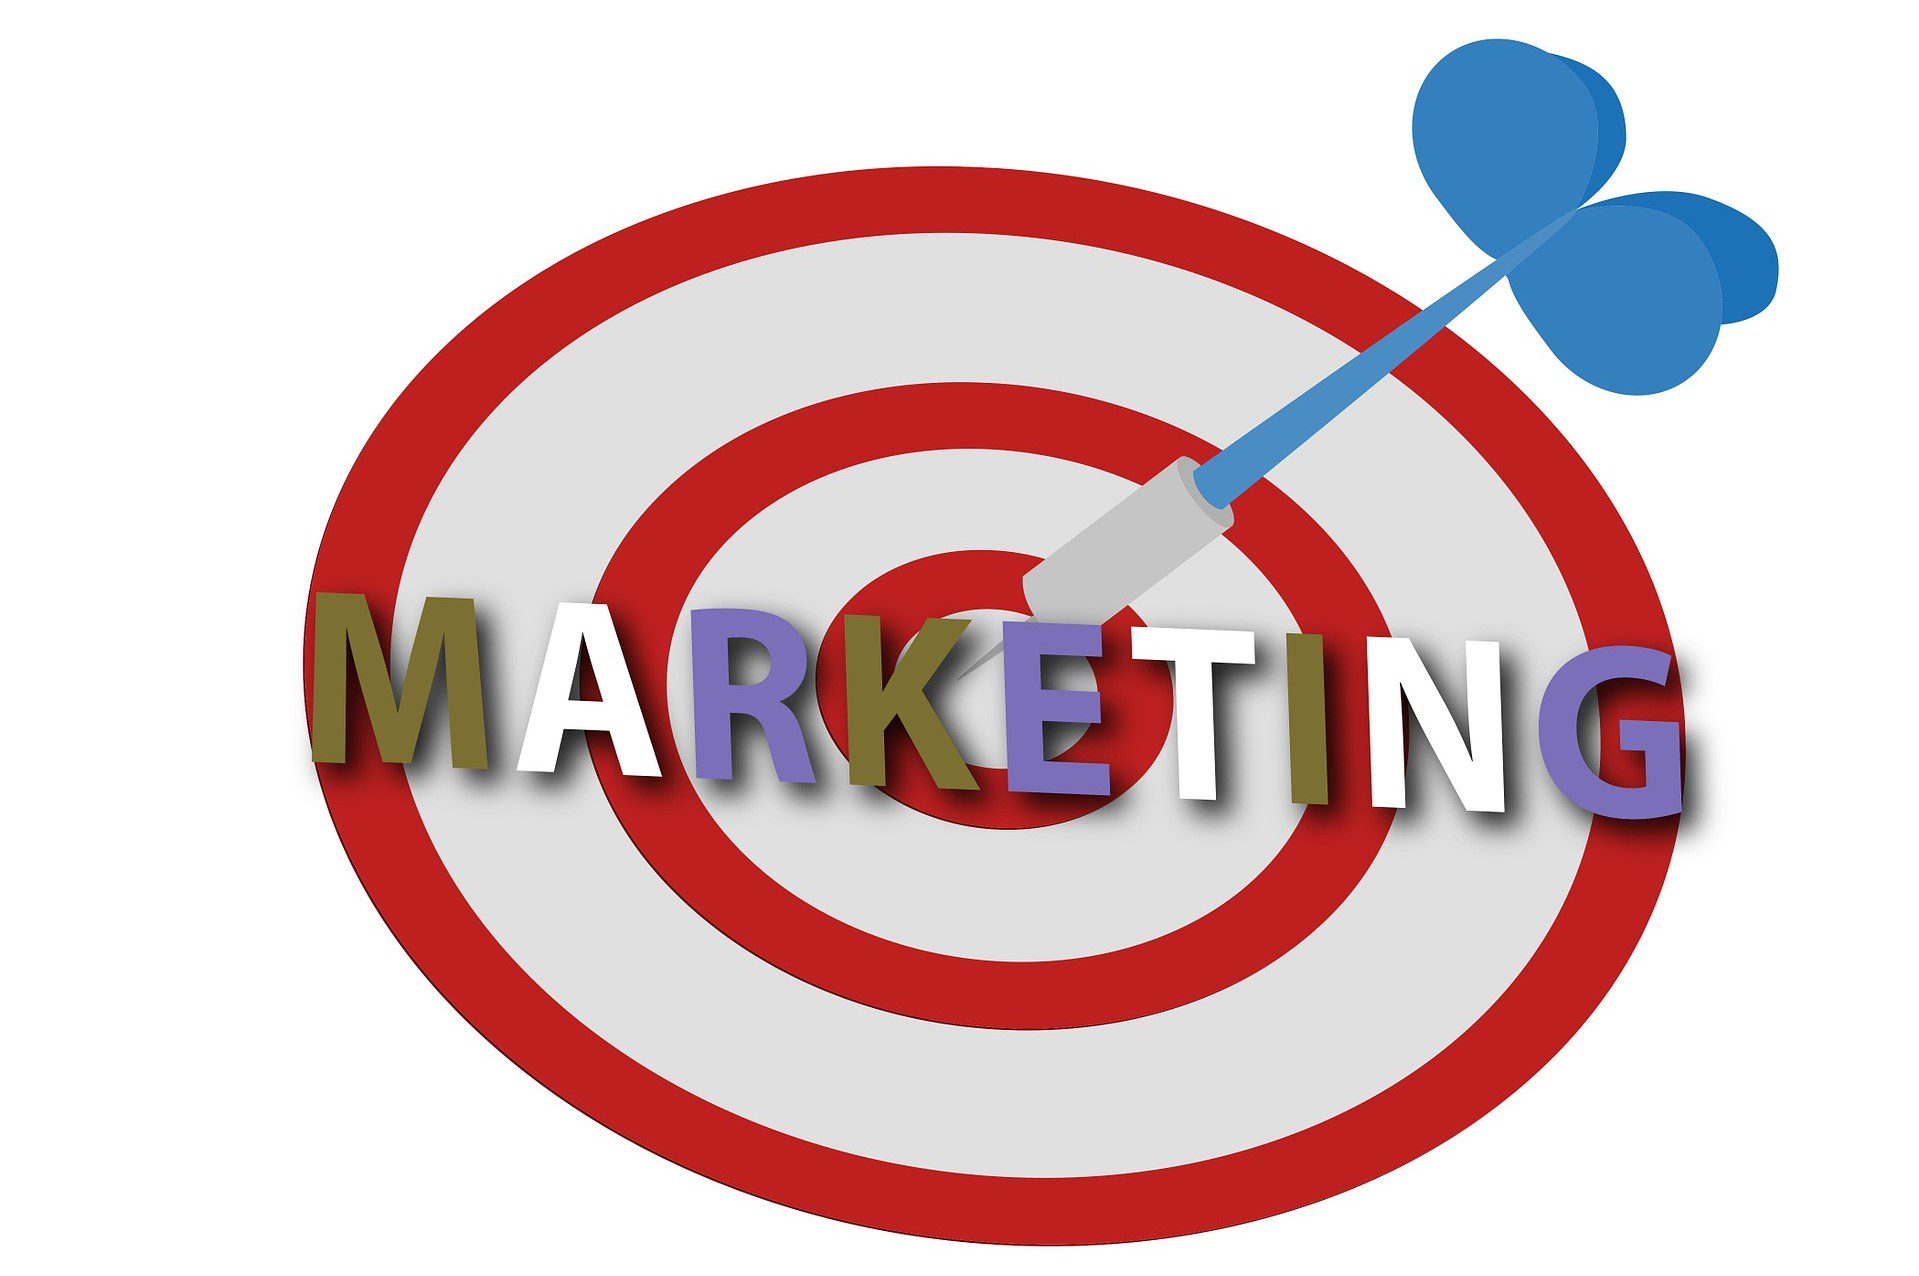 善用小品牌的優勢,牢牢抓住客戶的心